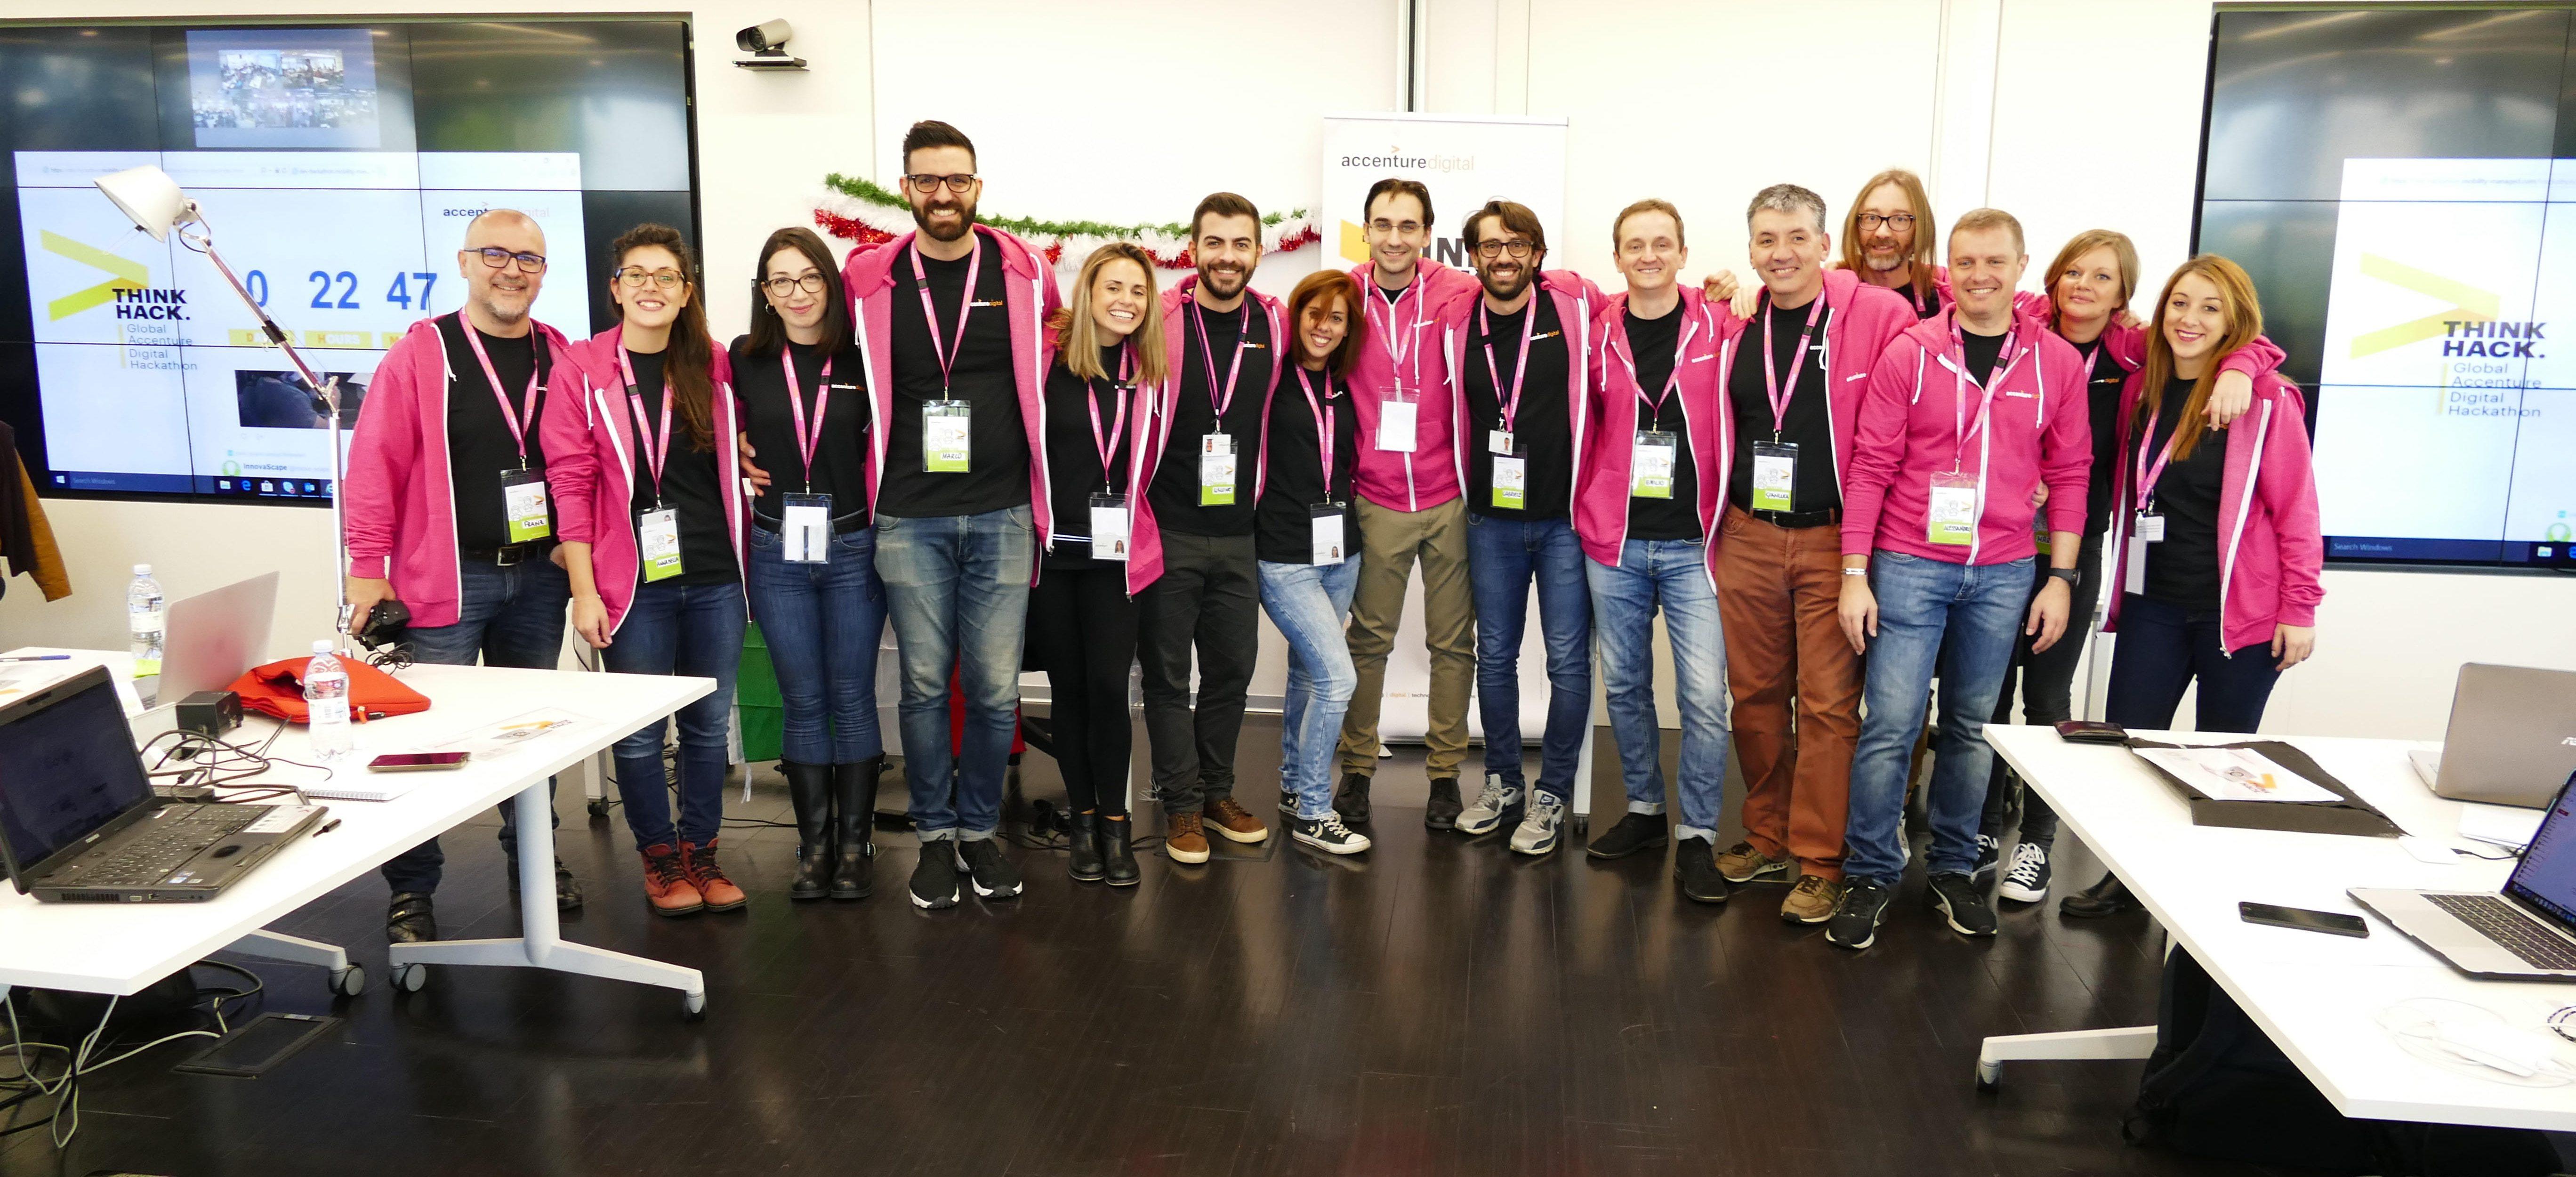 Digital_Hackathon_Accenture_Social_Reporters (10)